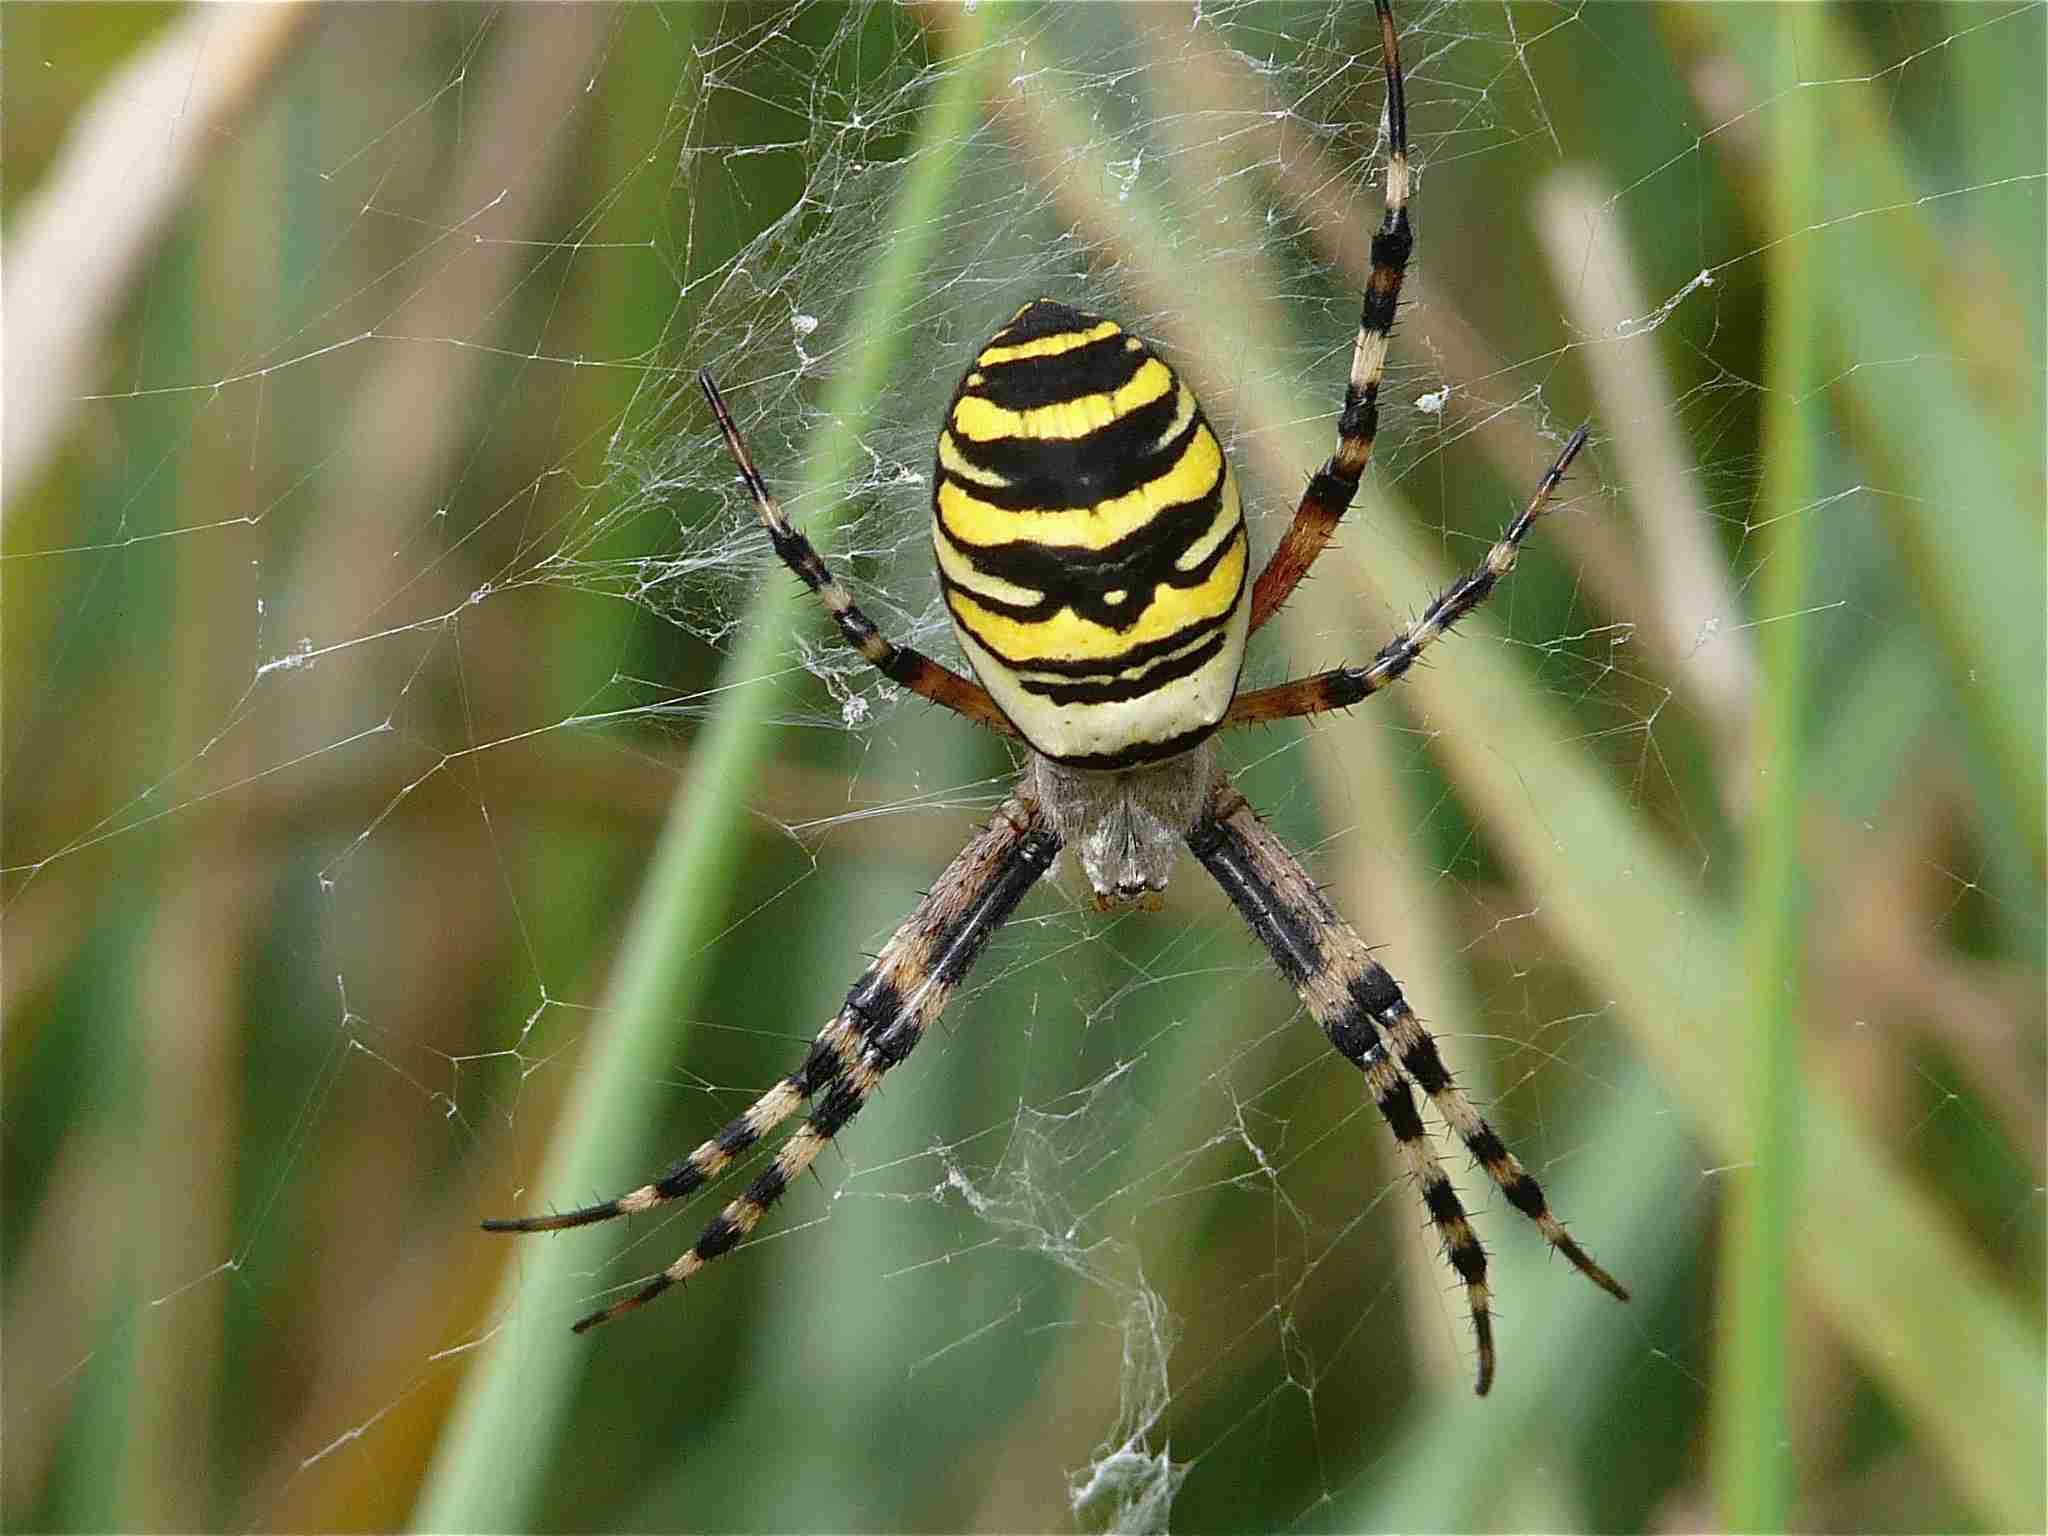 """Résultat de recherche d'images pour """"araignée jaune"""""""